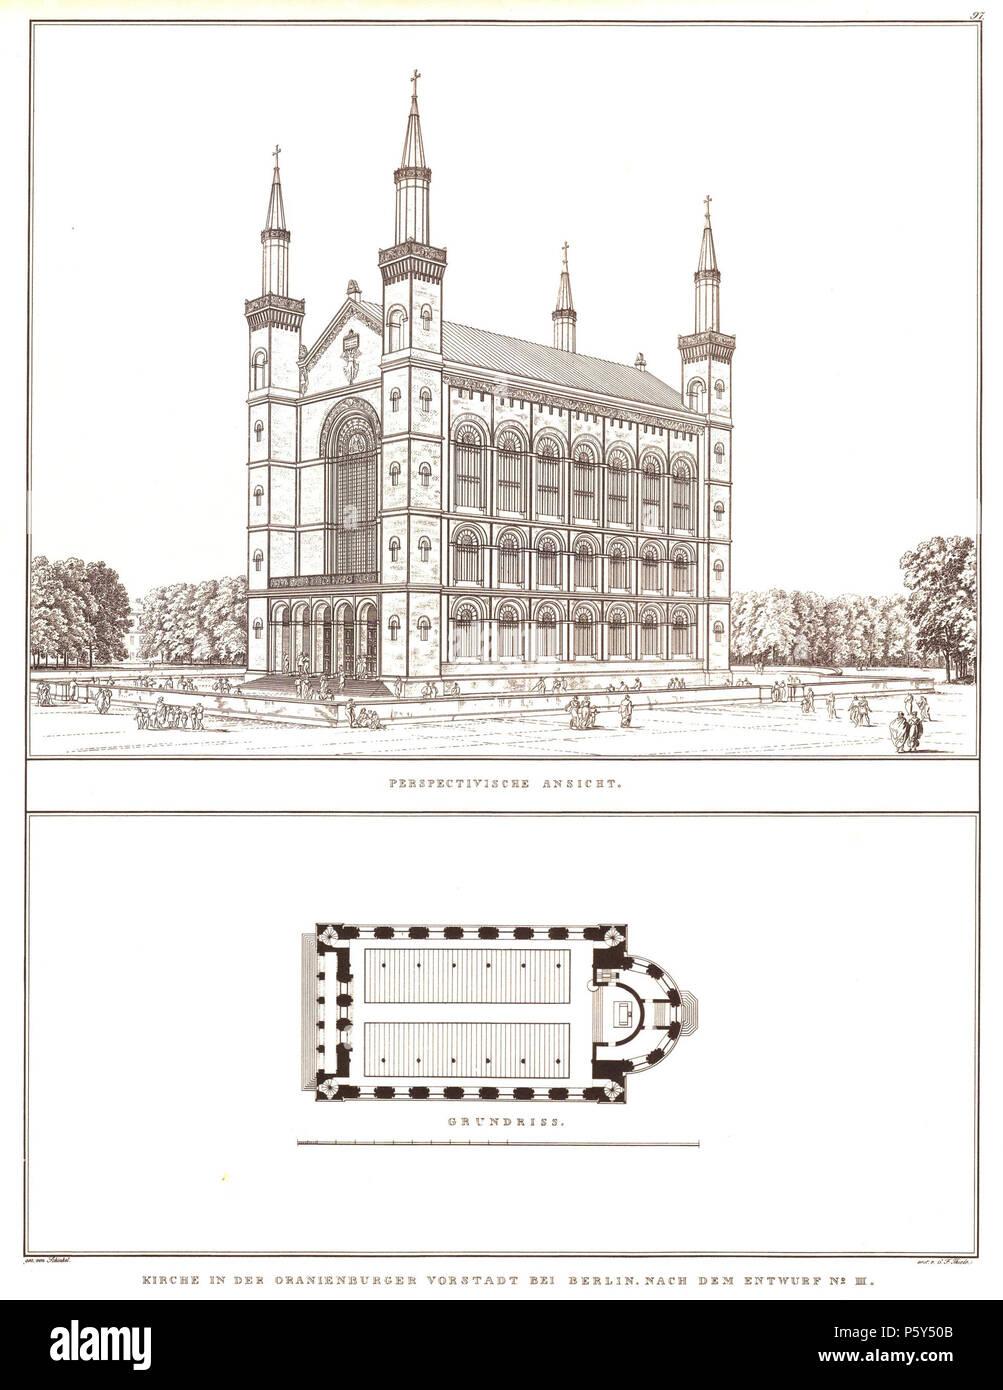 Na Englisch Architectural Design Nr Iii Für Eine Kirche In Der